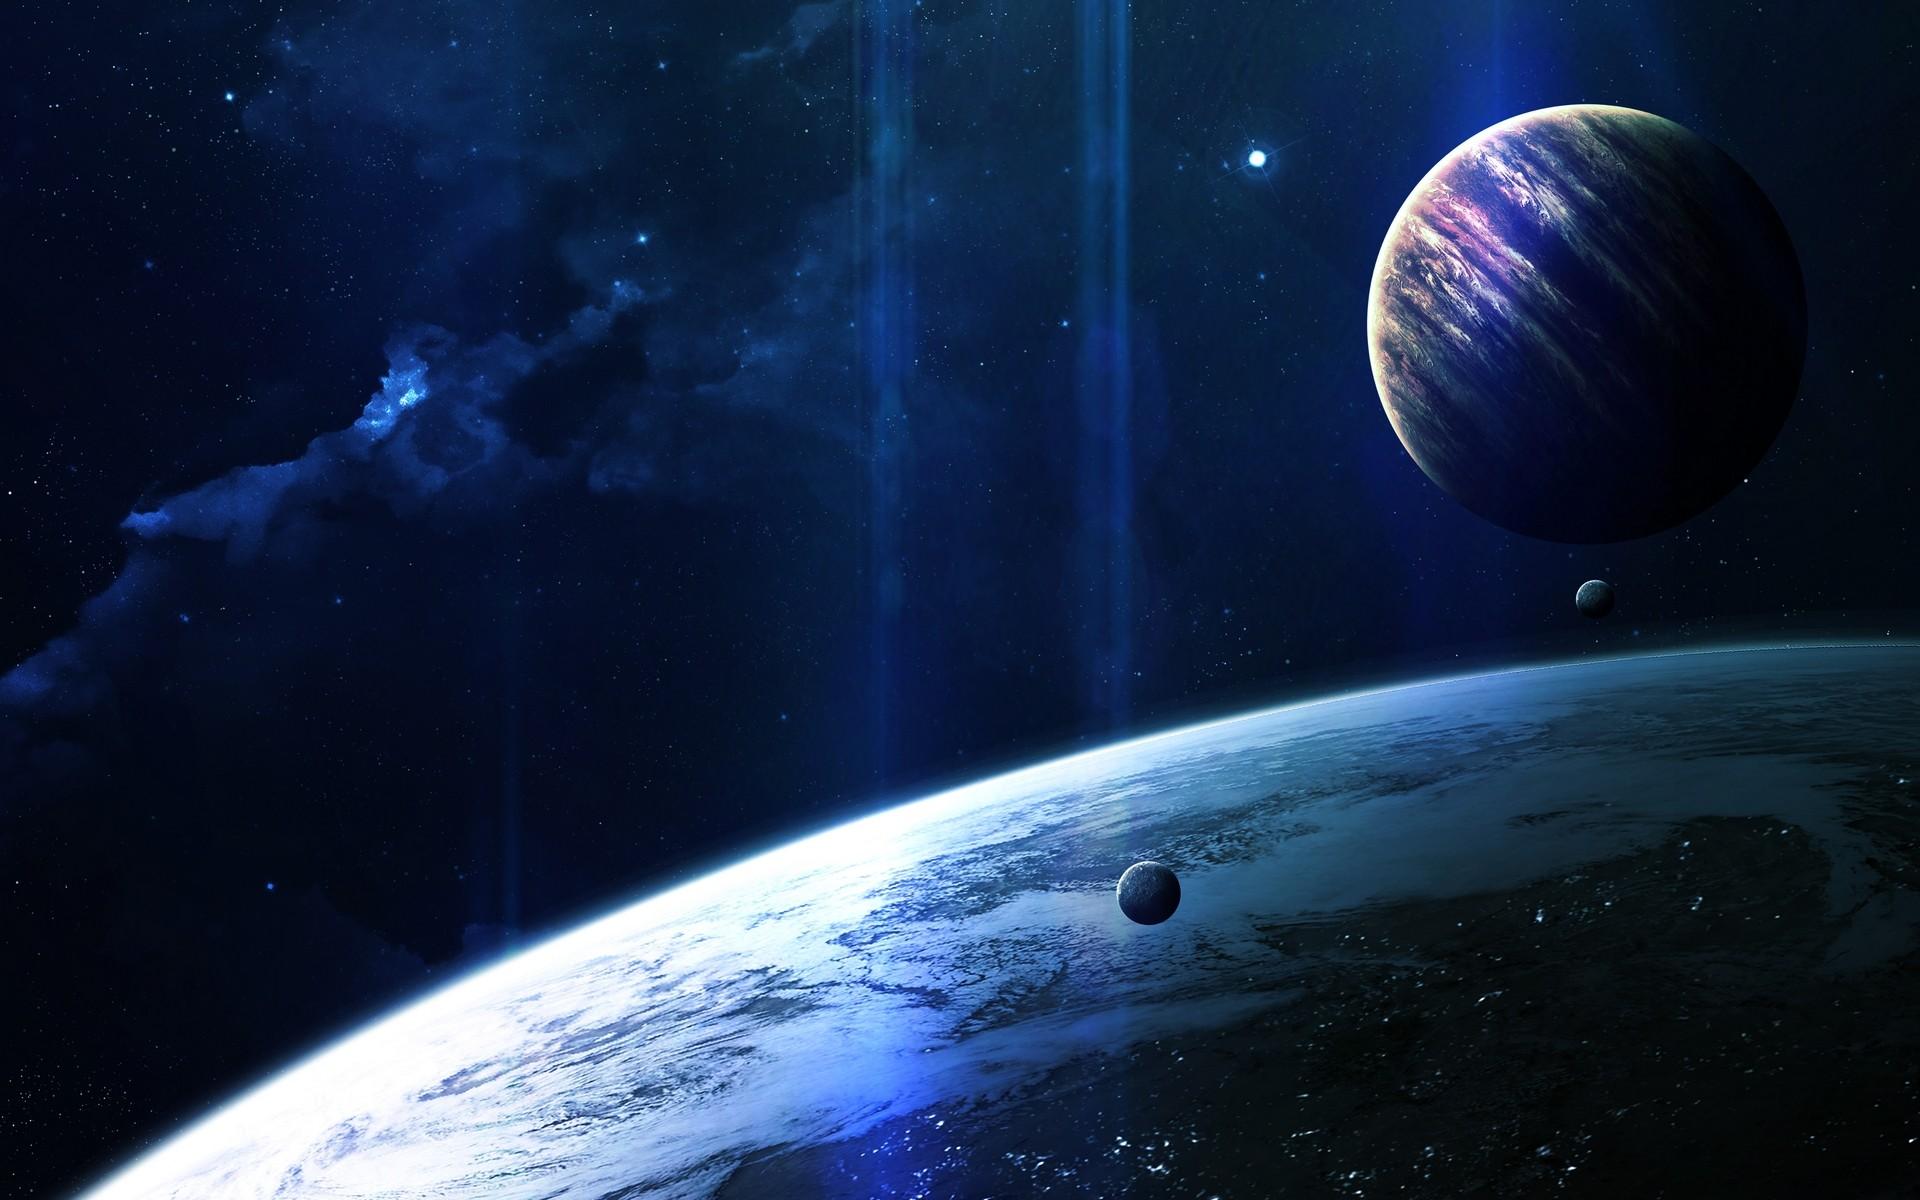 Звёздное небо и космос в картинках - Страница 5 Vadim-sadovski-c22